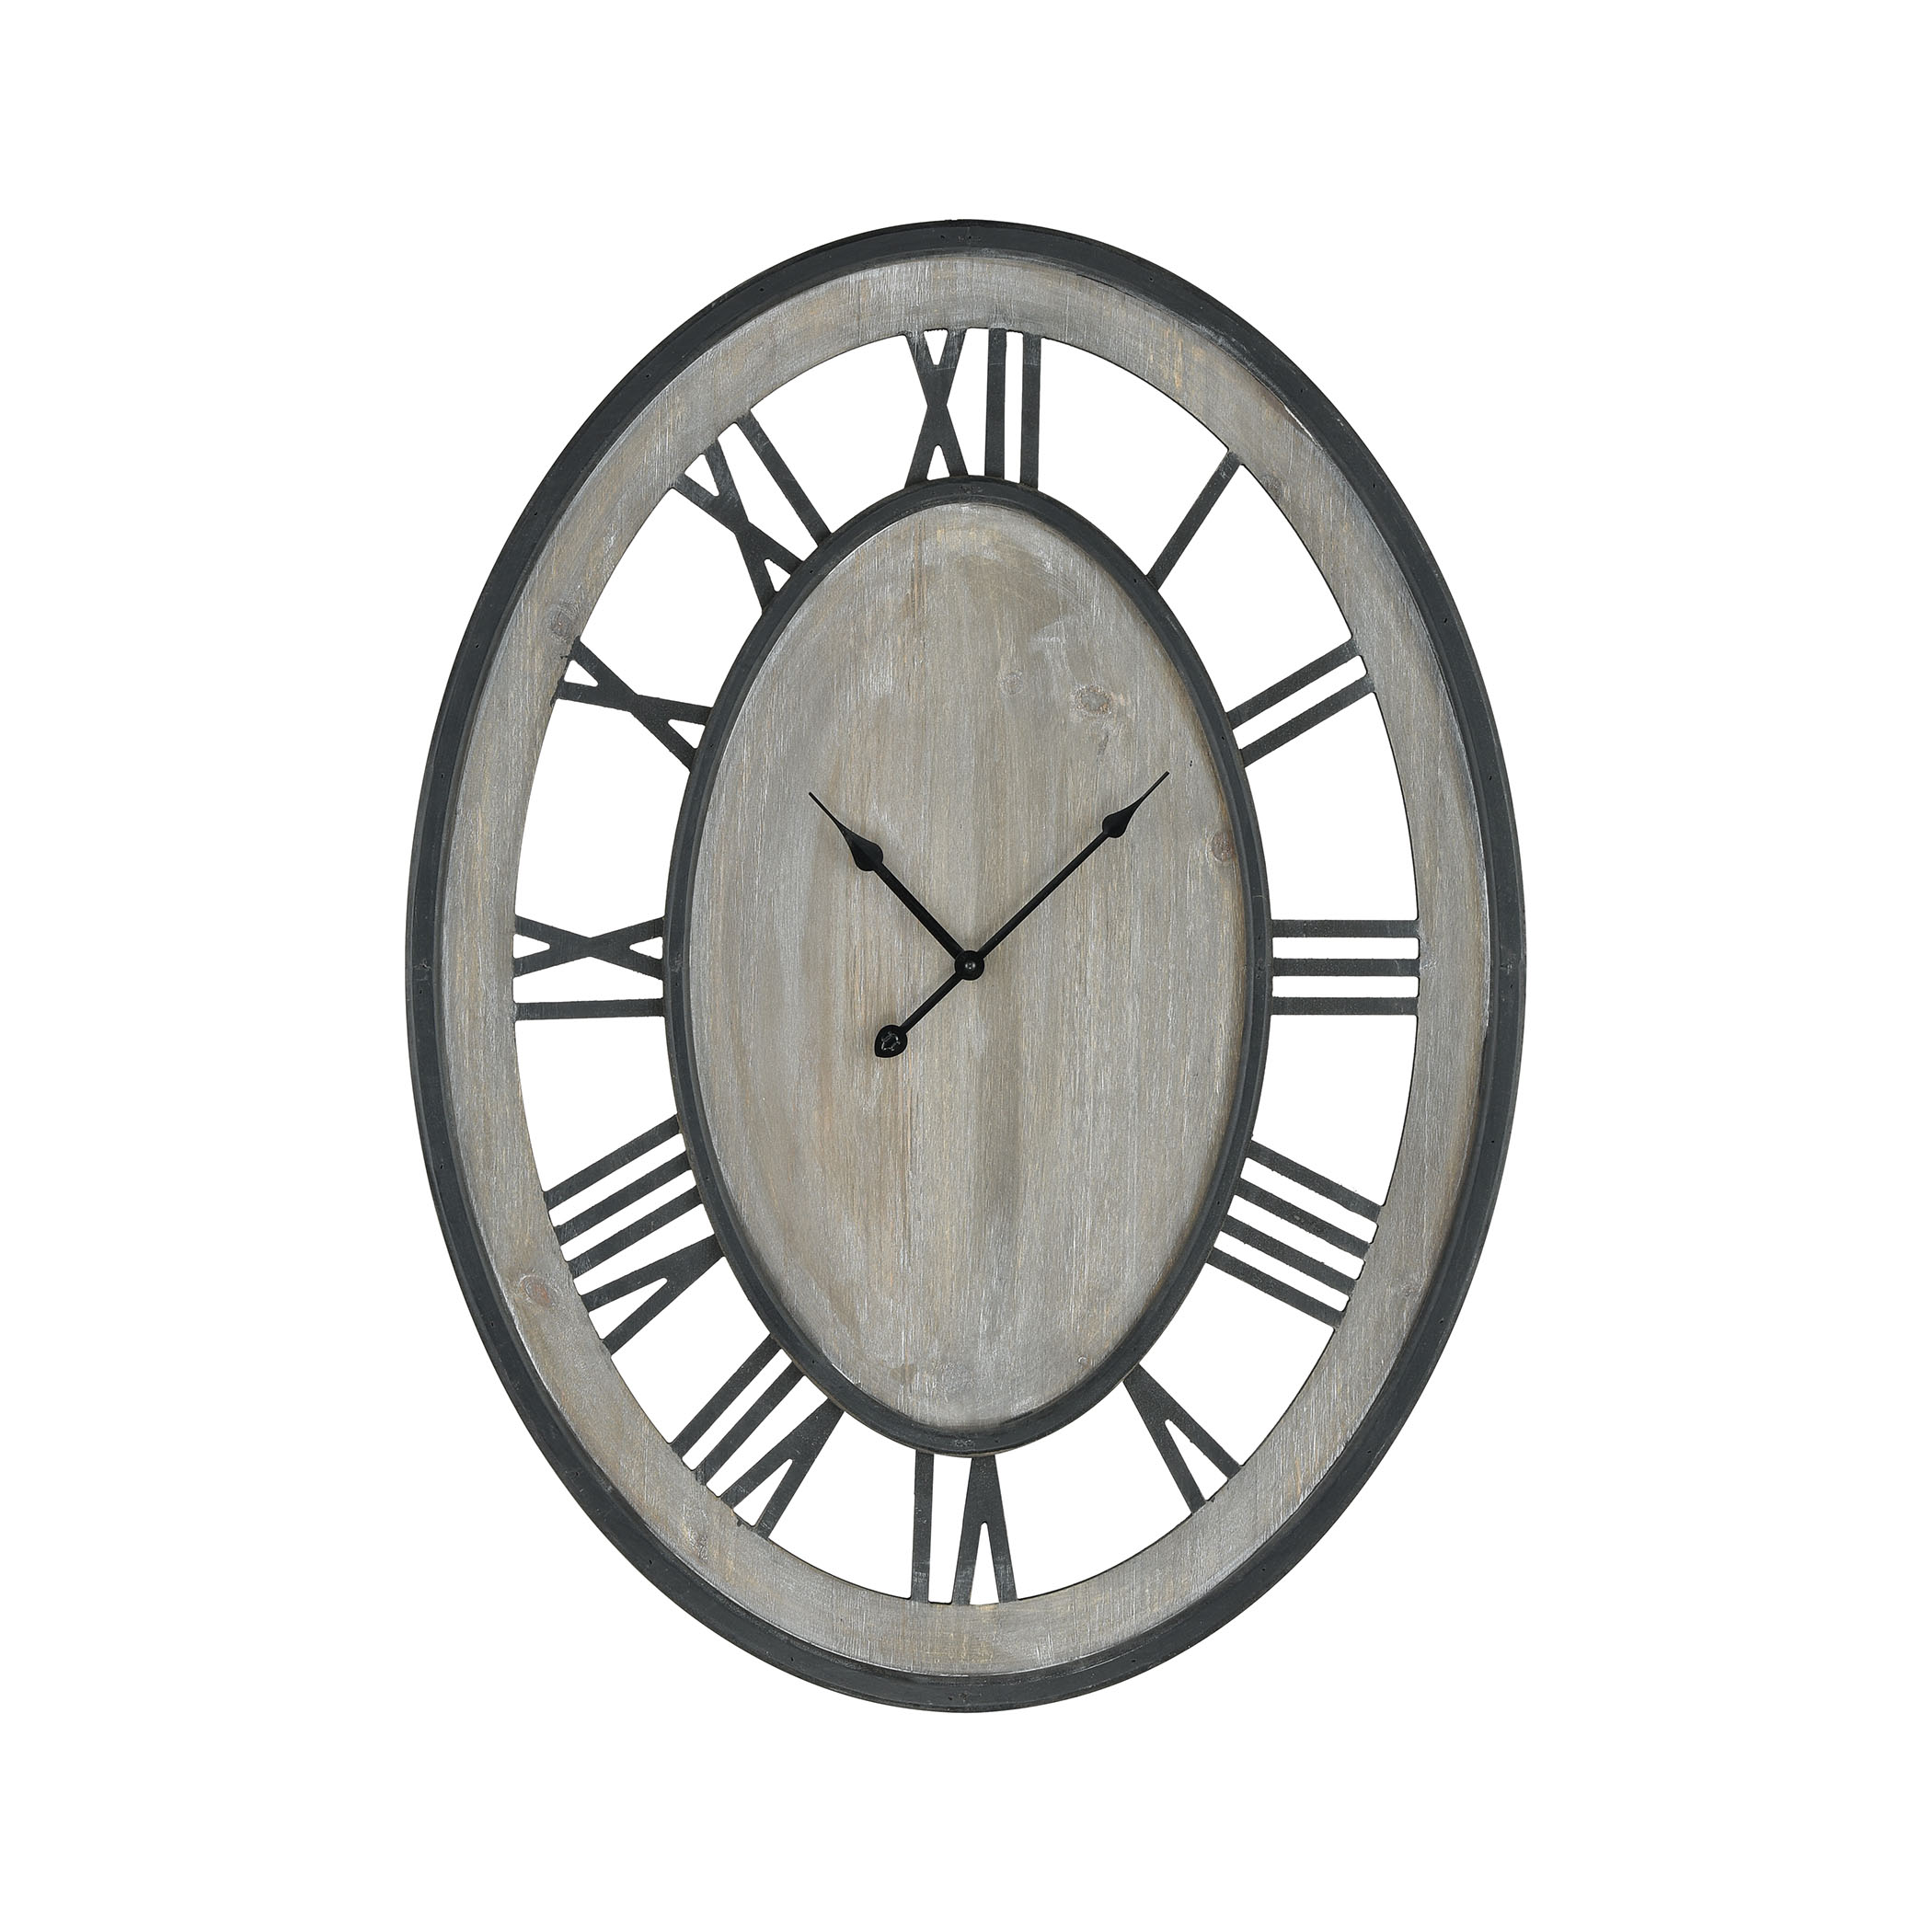 Cockspur Street Wall Clock 3116-026 | ELK Home